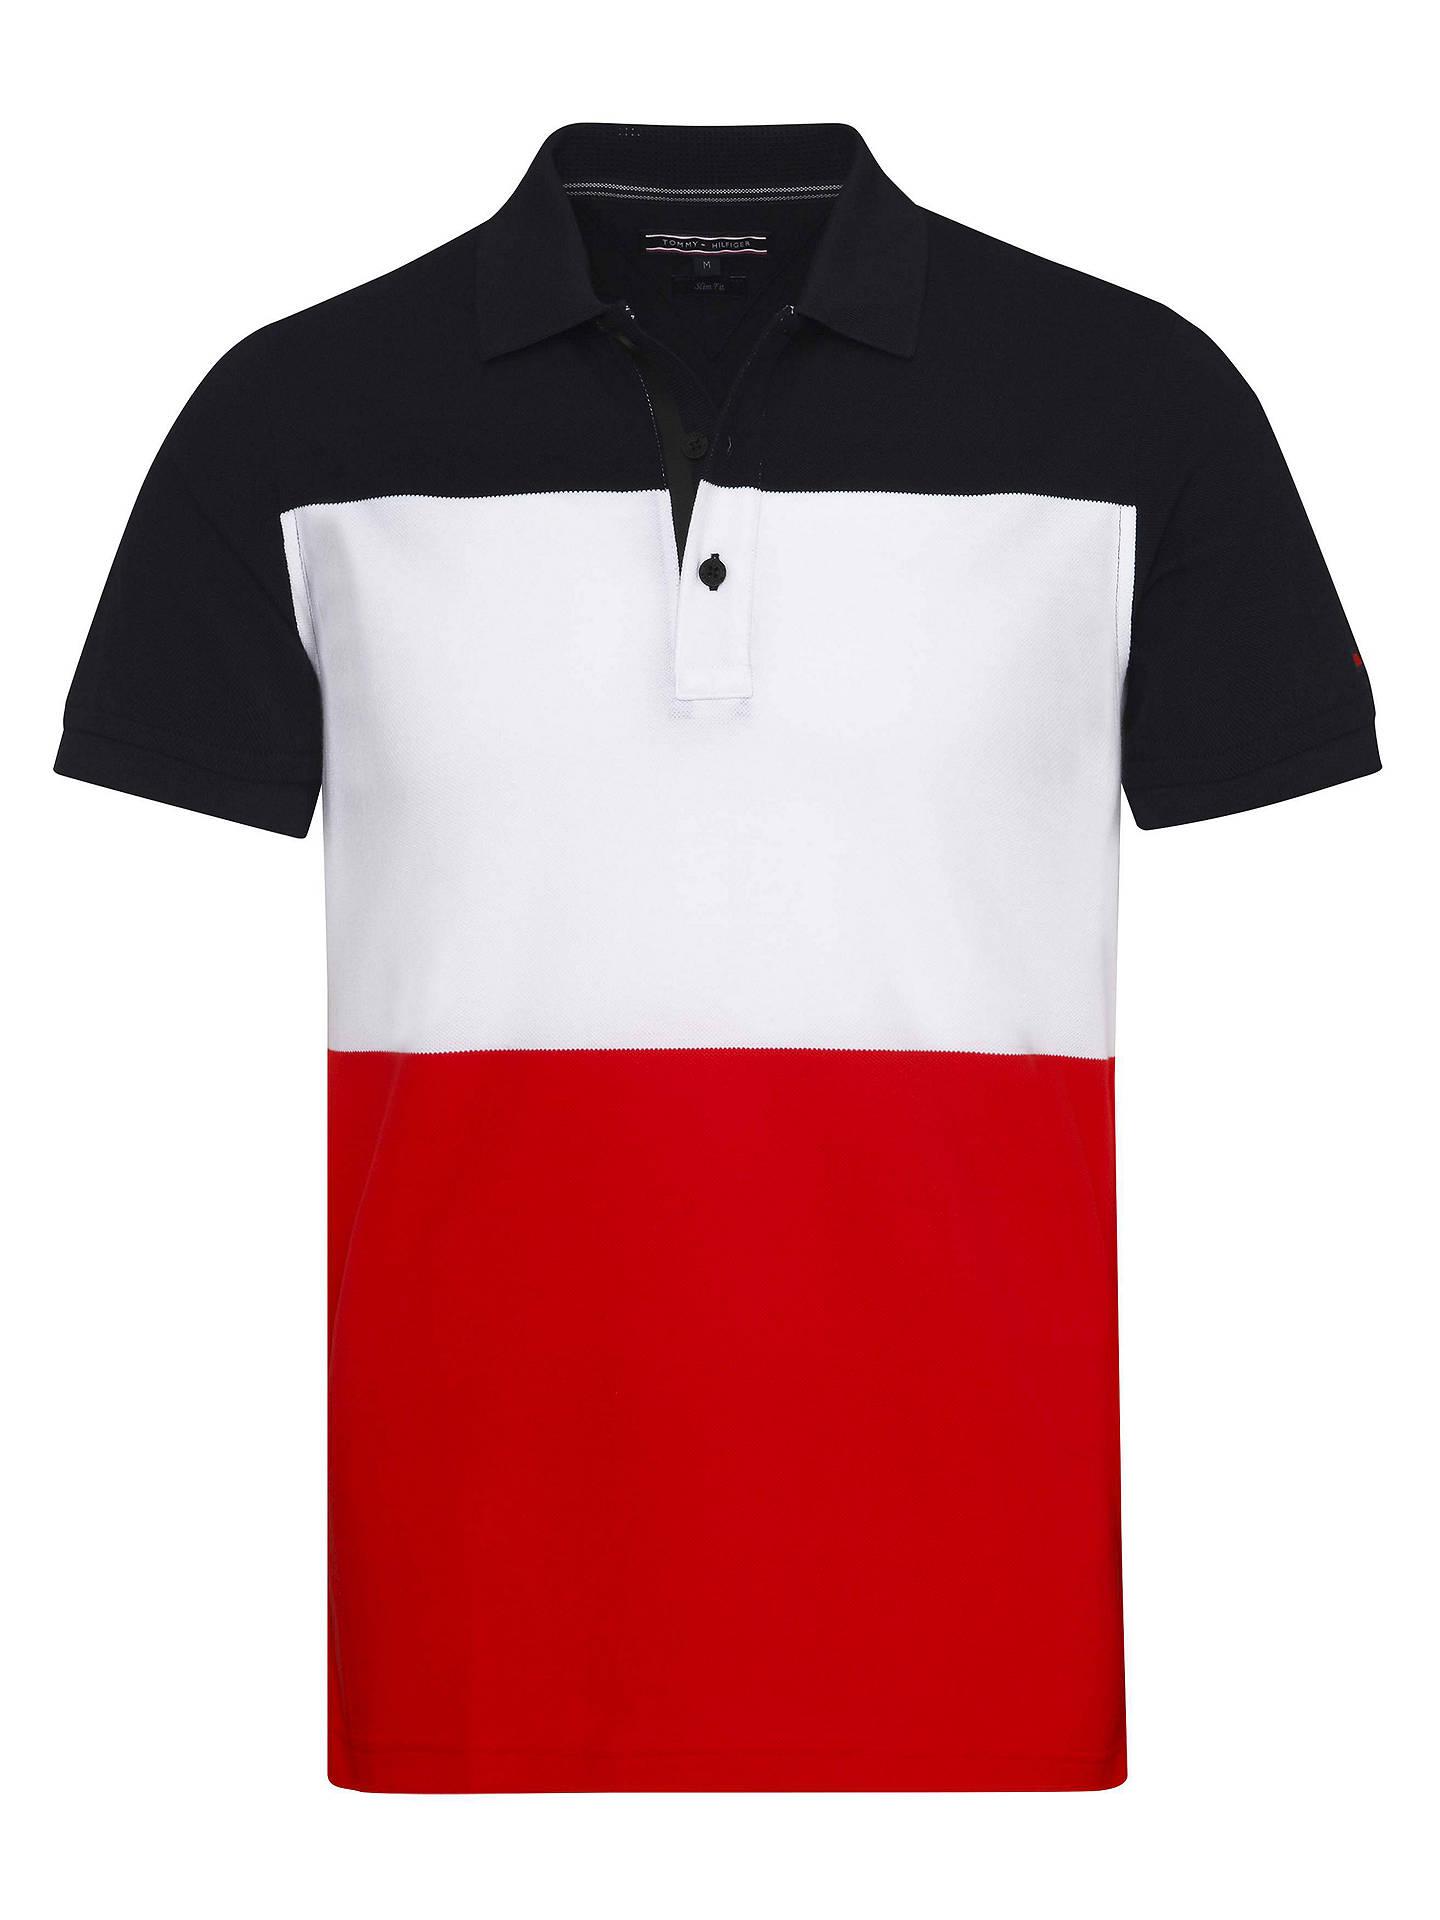 5d75e187e0962 BuyTommy Hilfiger Kris Cotton Jersey Regular Fit Polo Shirt